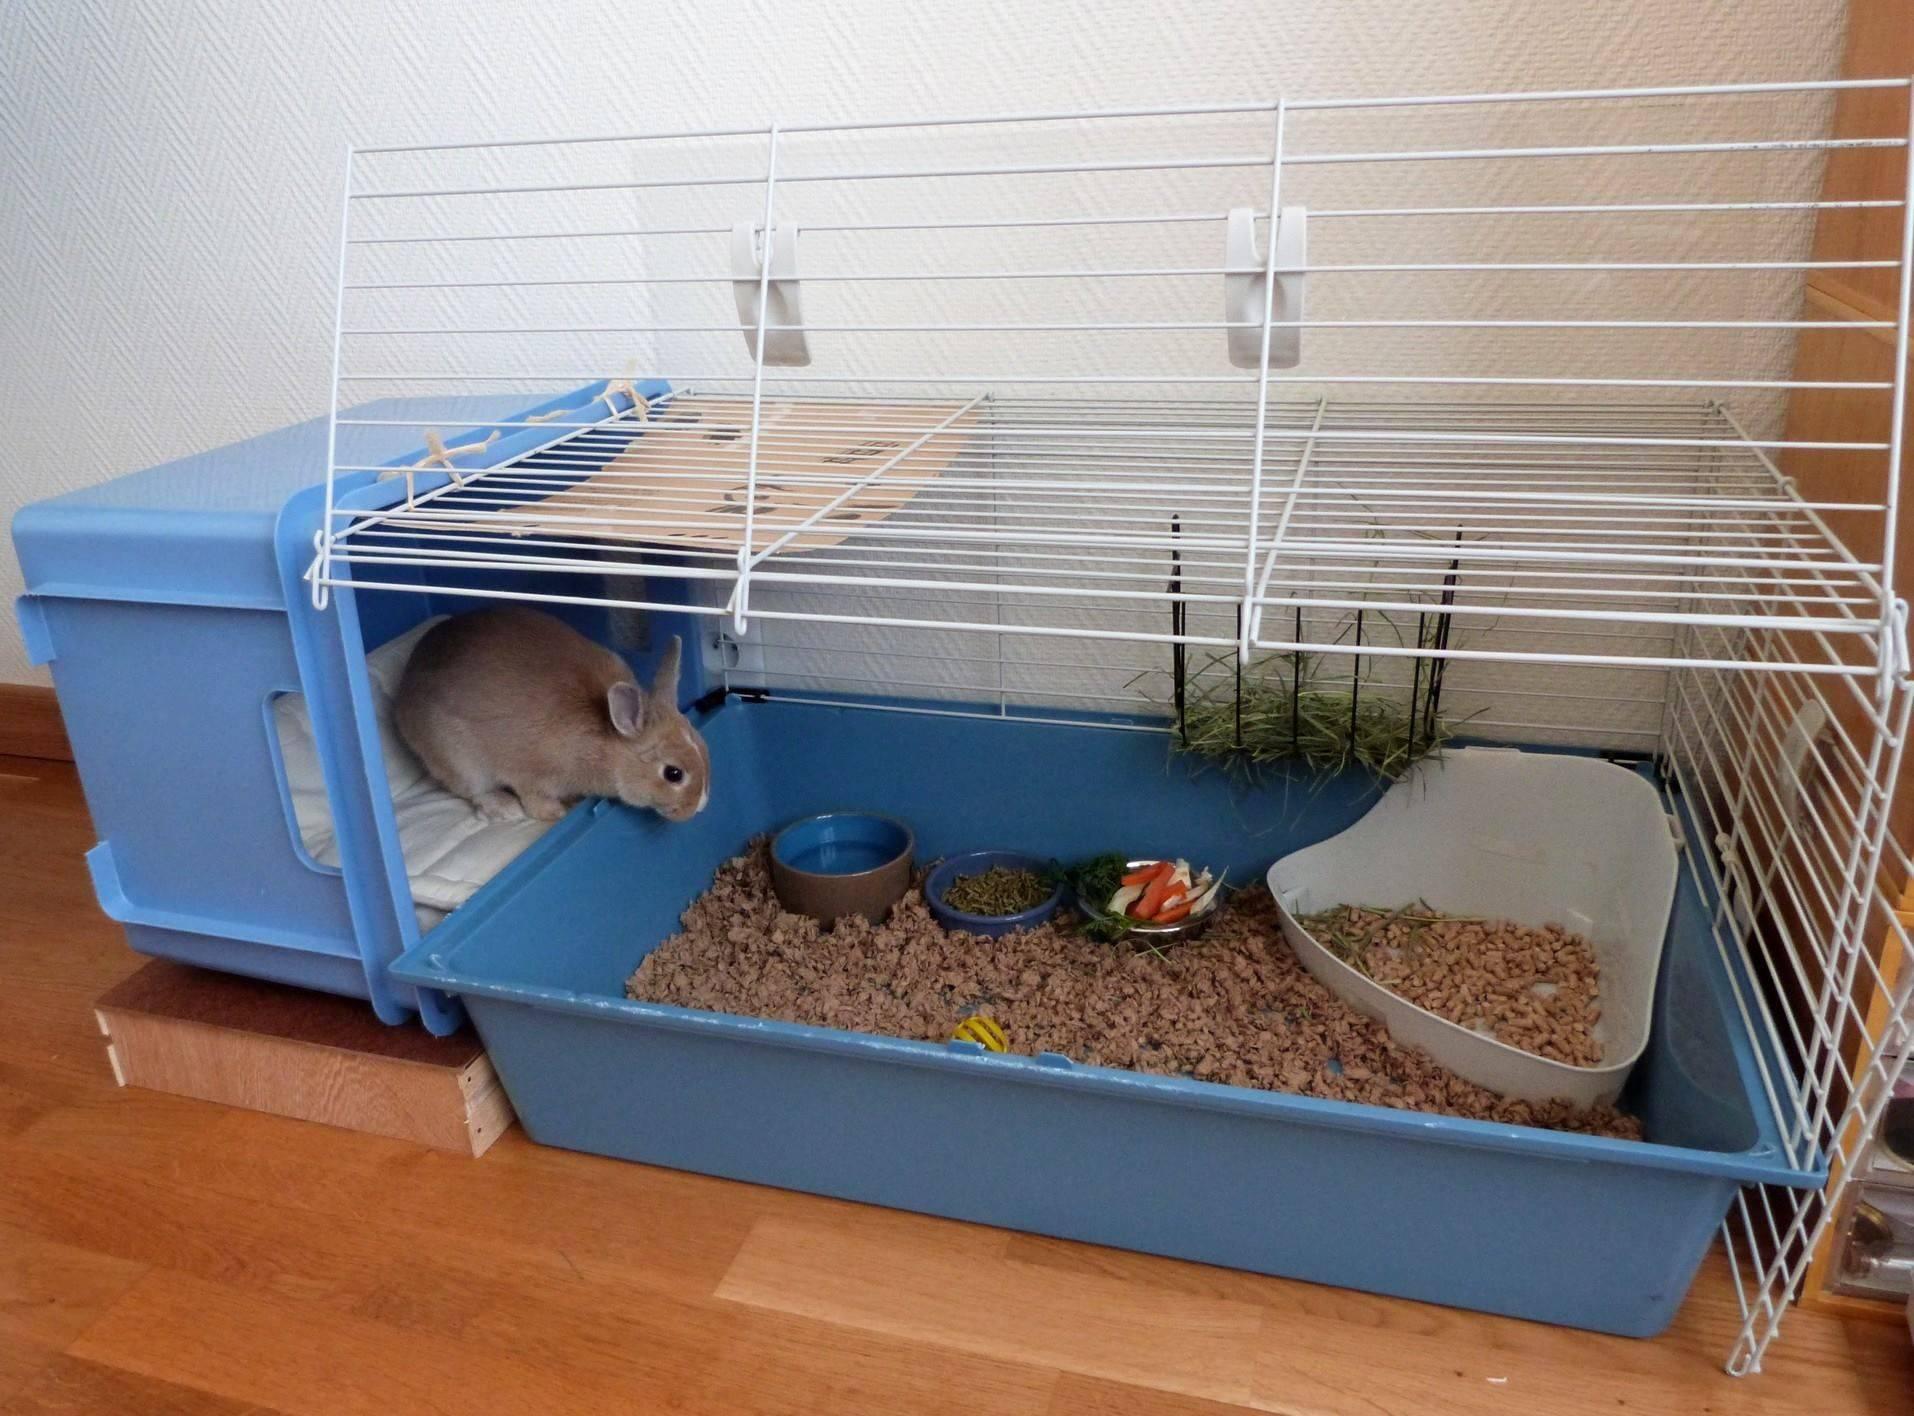 Декоративные кролики: фото животного, породы, виды уход, питание и содержание в домашних условиях